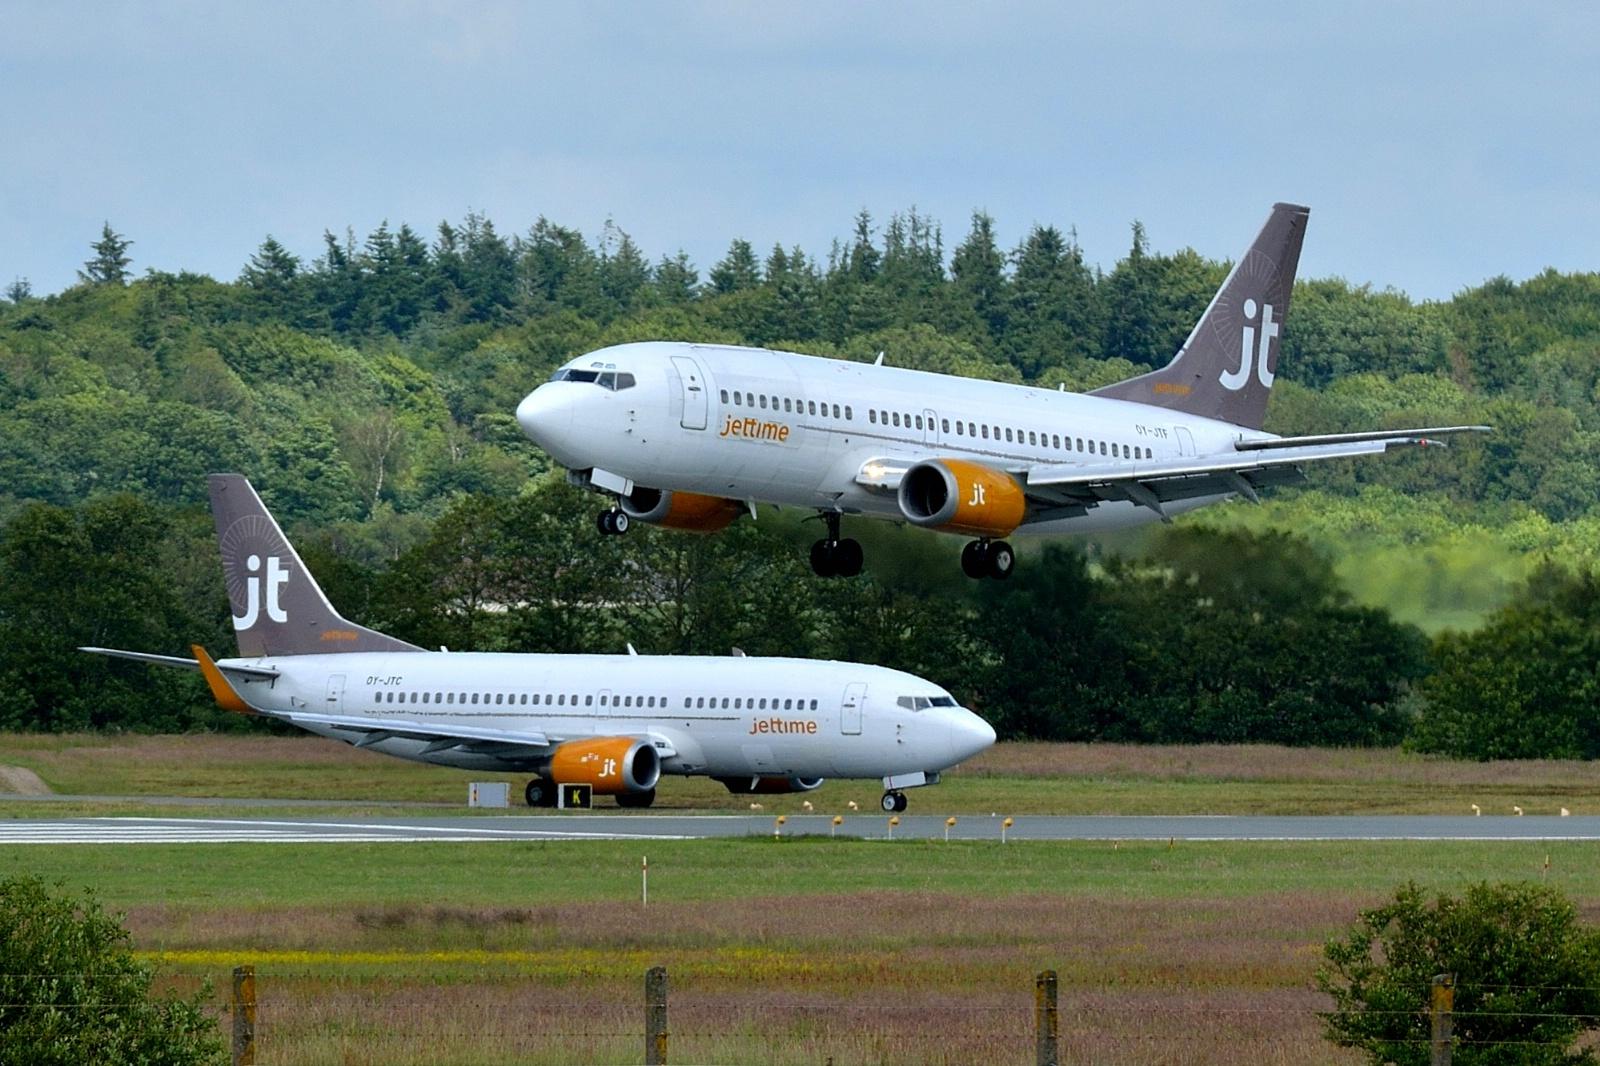 Boeing 737-fly fra Jet Time. (Foto: Morten Lund Tiirikainen)